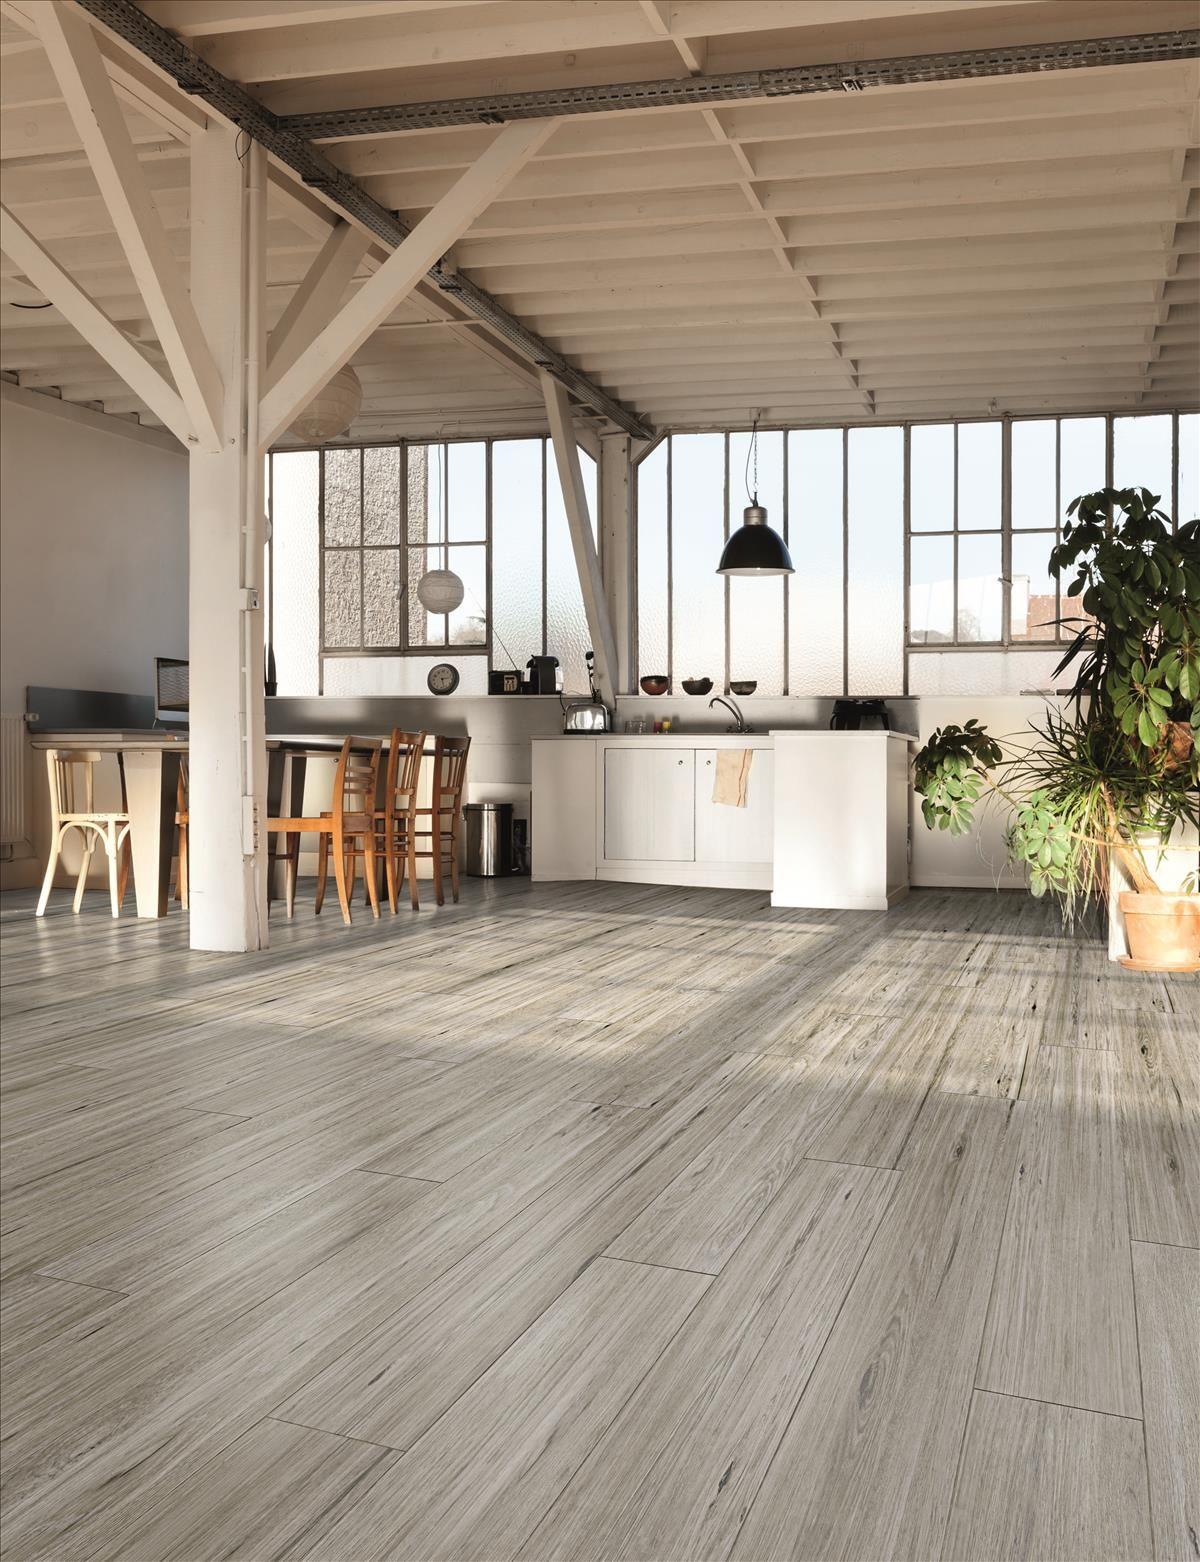 Balau gris 23x120 pavimento imitaci n a madera para for Pavimento imitacion madera